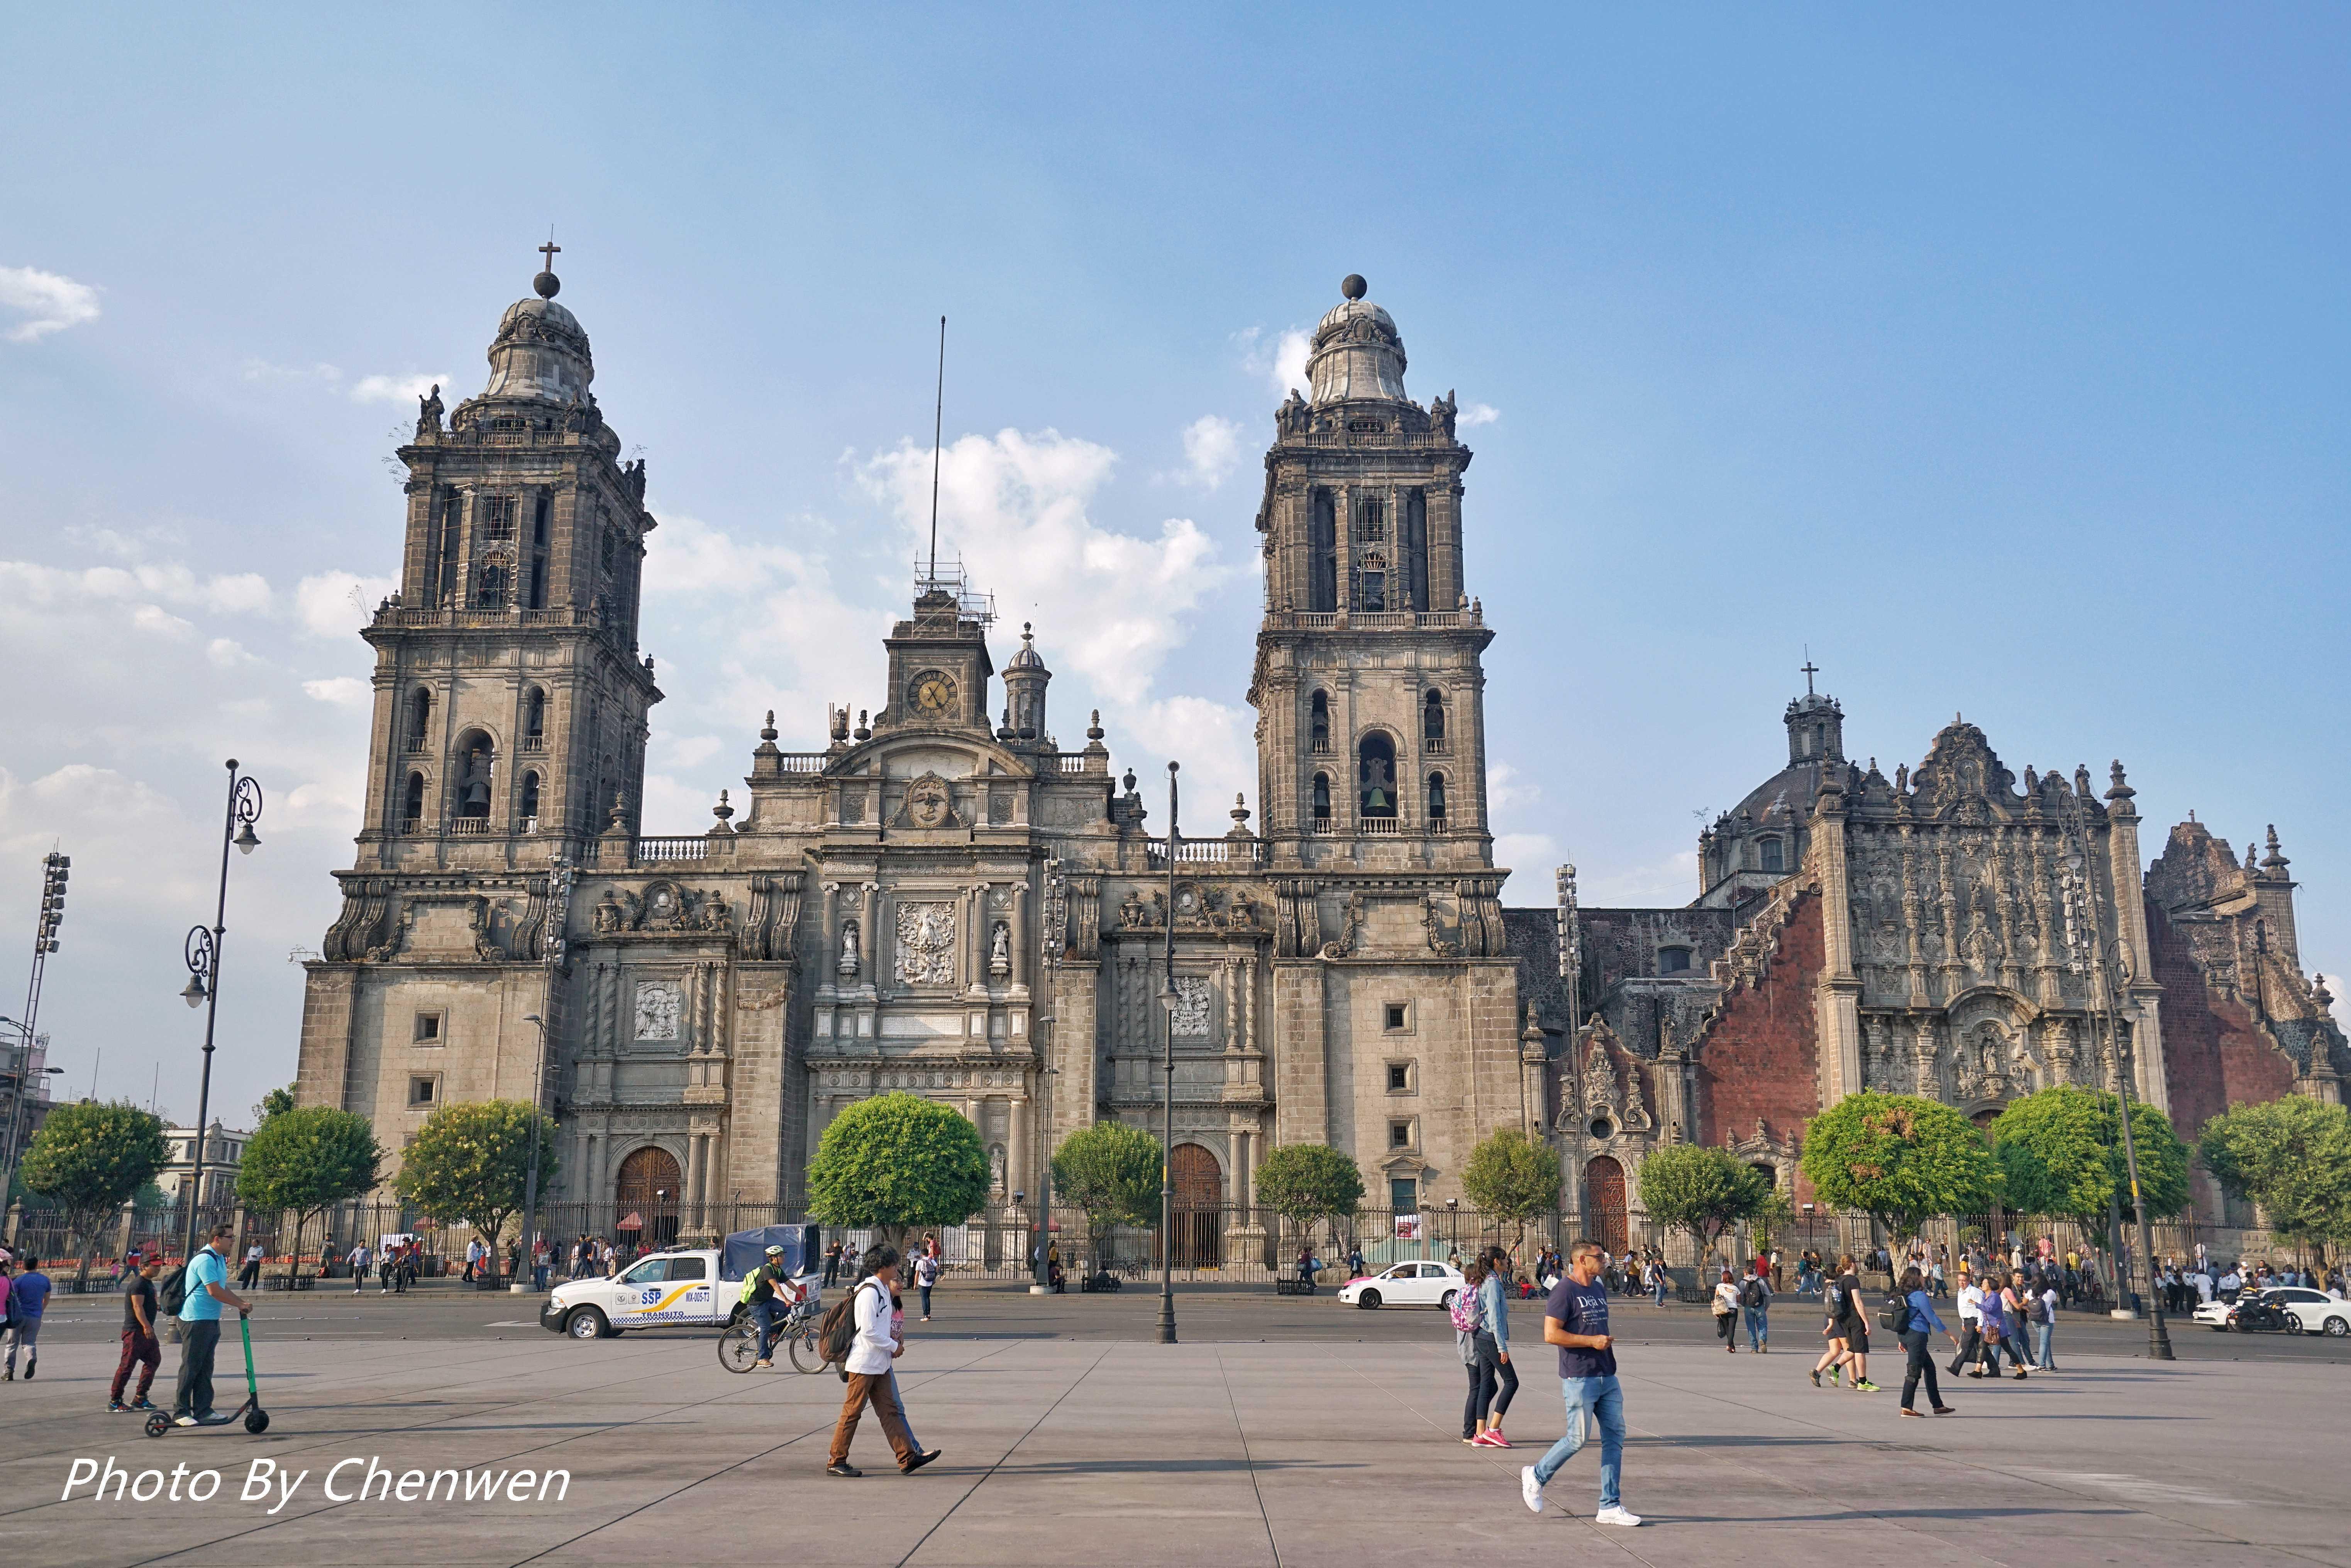 拉美最大的天主教堂,竟建在阿兹特克神庙上,历时250年完工